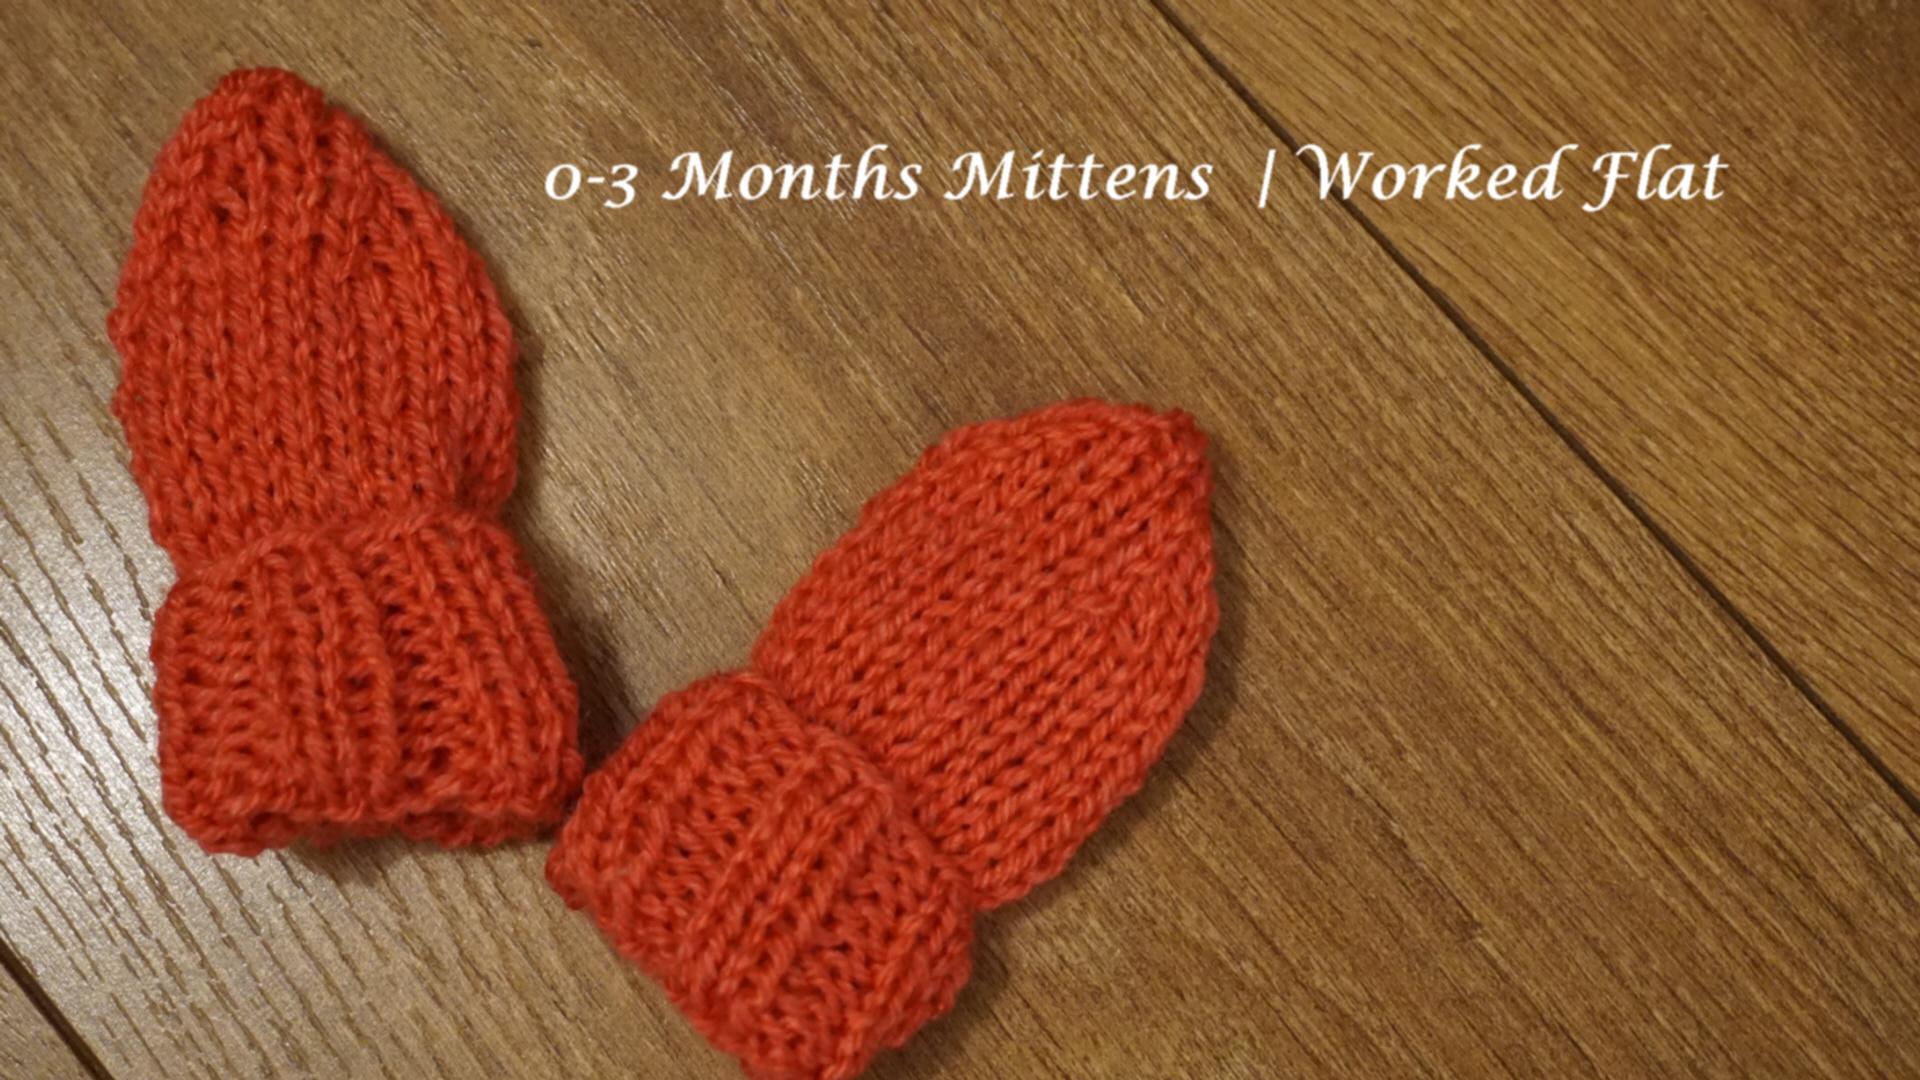 0-3 Months Mittens Worked Flat